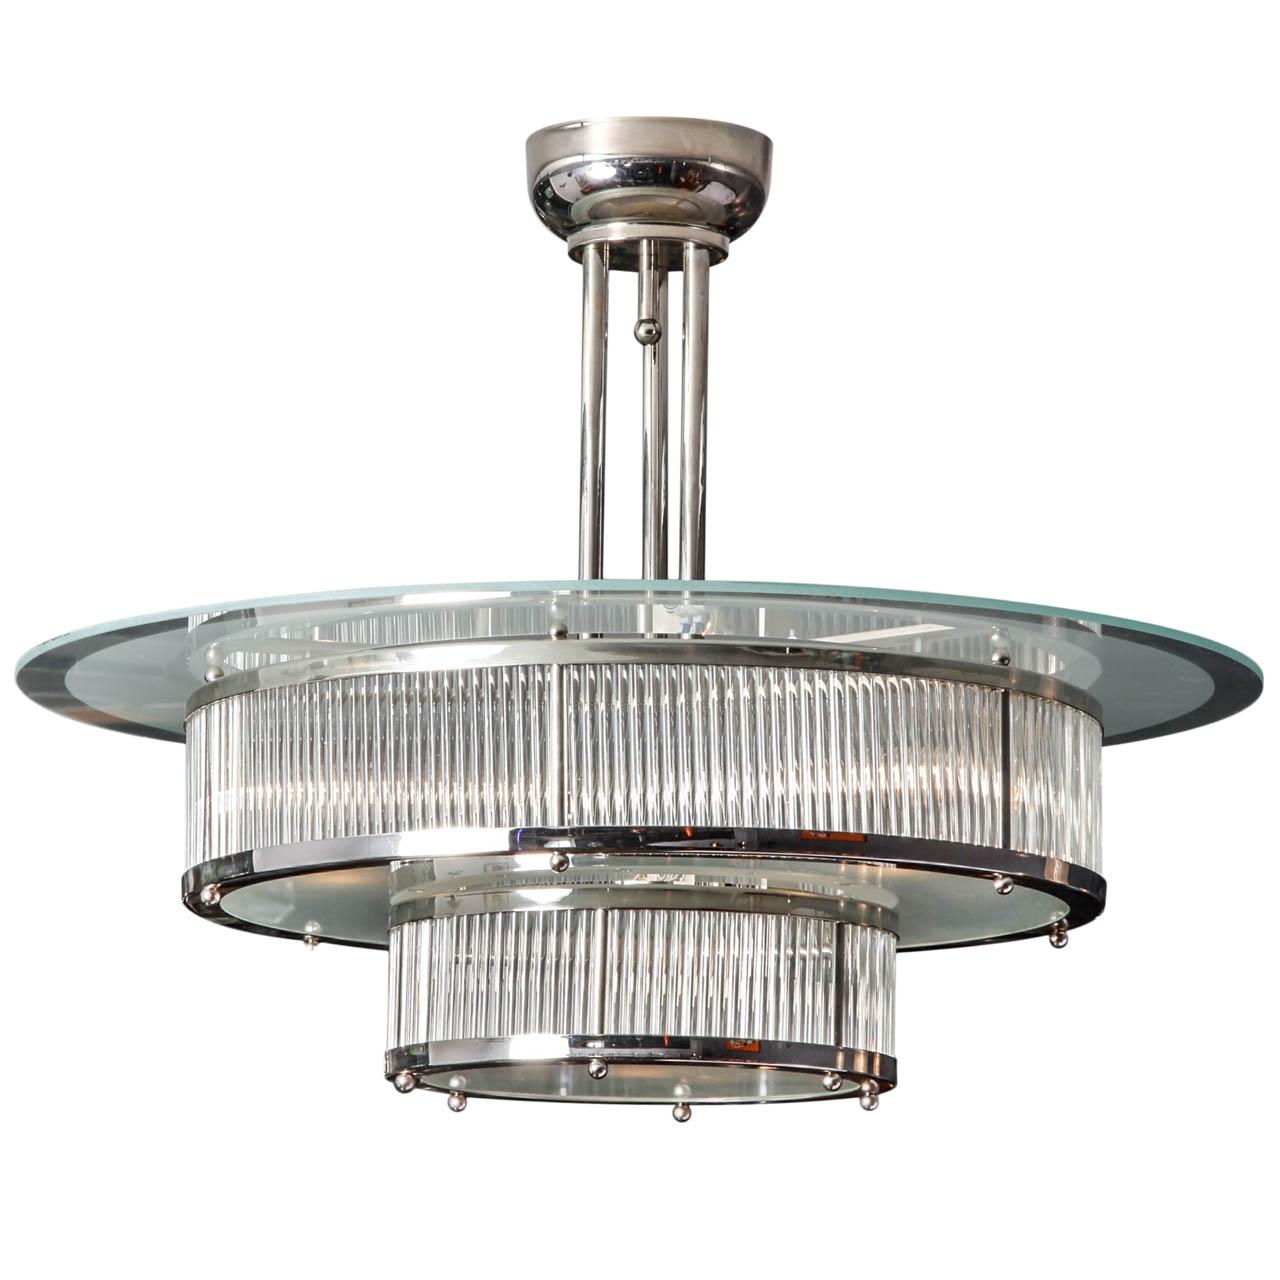 Modernism Regarding Trendy Art Deco Chandeliers (View 5 of 15)